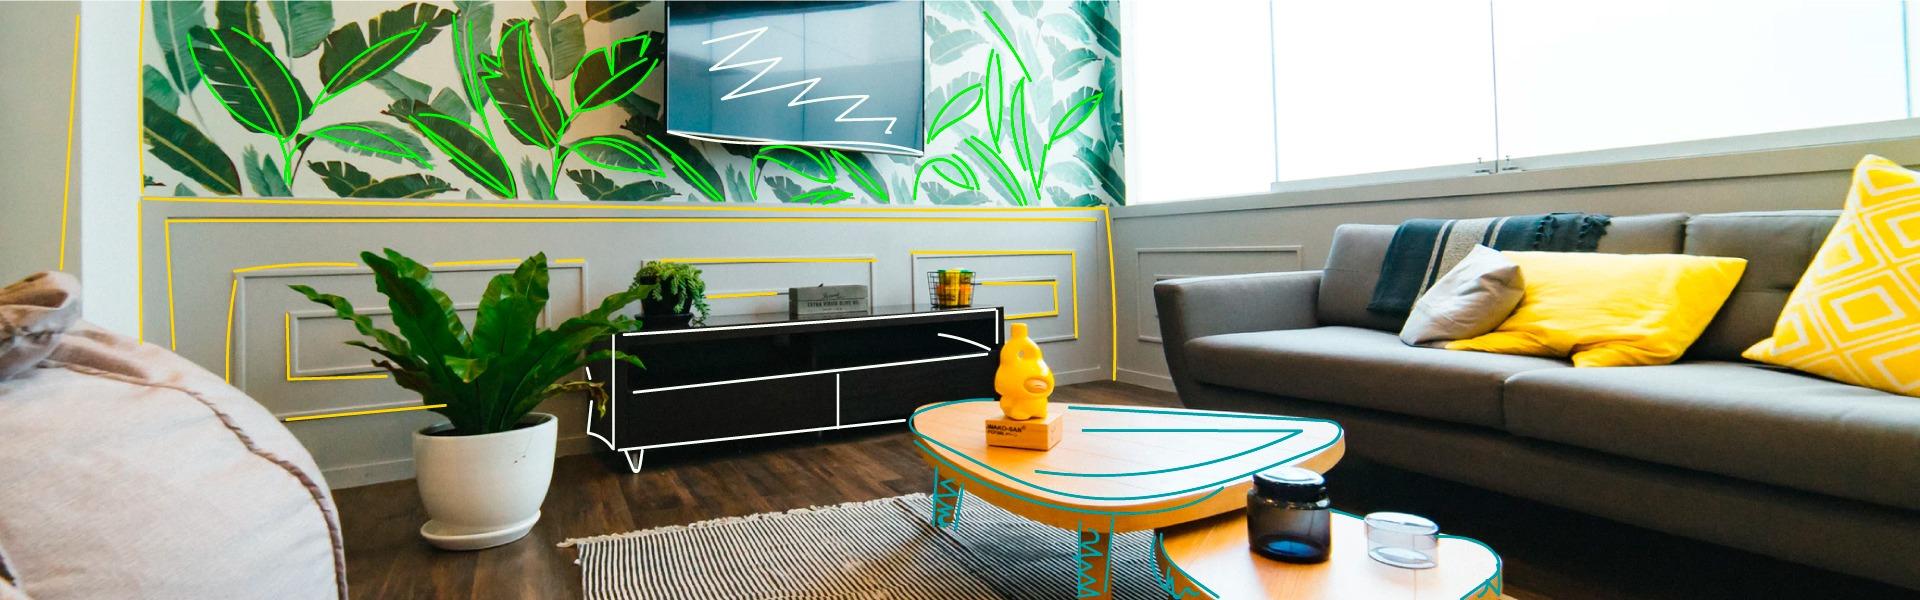 Покупка апартаментов вместо квартиры: отличия, особенности, плюсы и минусы